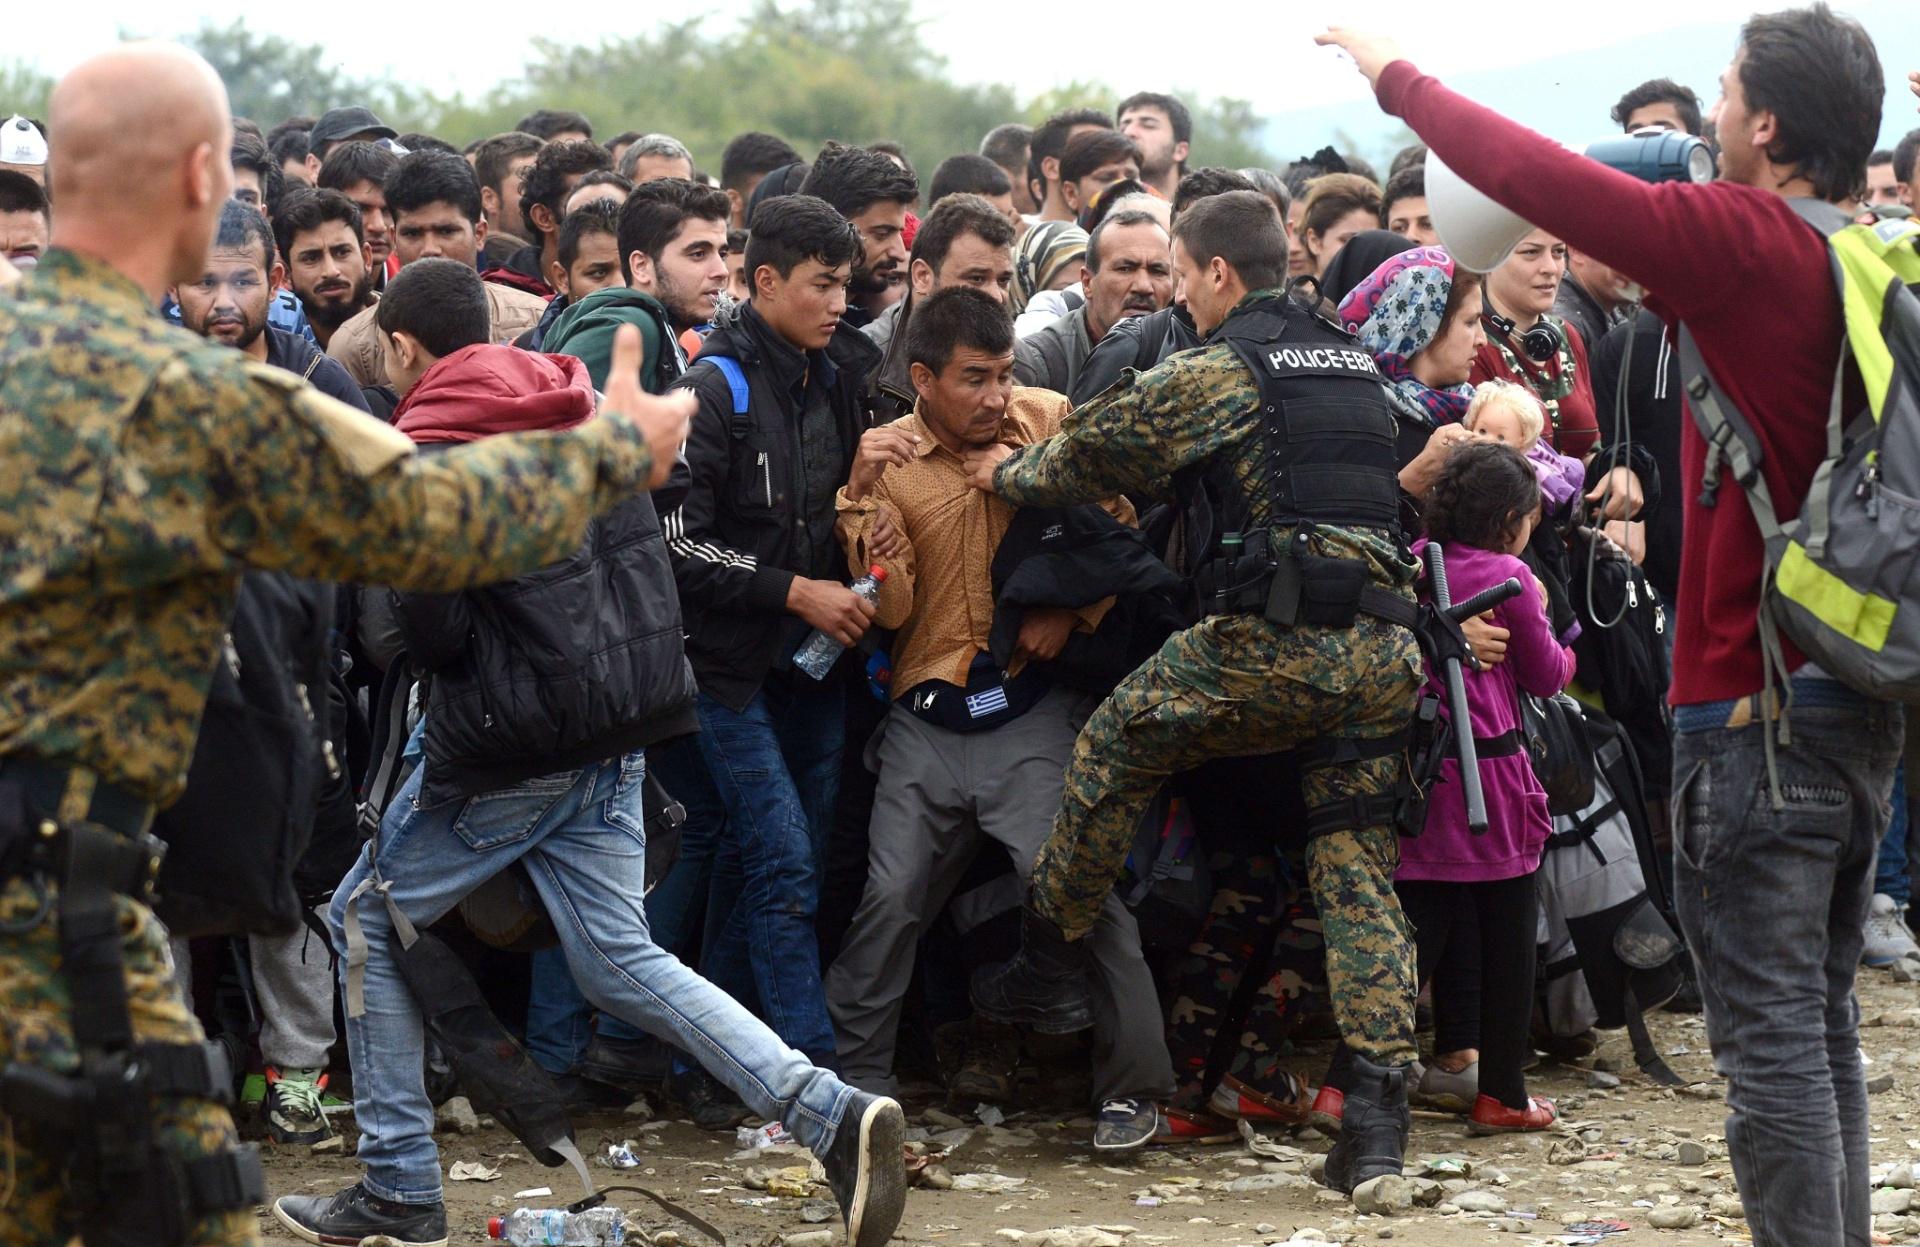 19.out.2015 - Policiais controlam entrada de refugiados em um acampamento na cidade de Gevgelija, na Macedônia, próxima a fronteira com a Grécia. Refugiados vindos principalmente da Síria chegam à Europa na tentativa de salvar suas vidas ao fugirem da guerra civil